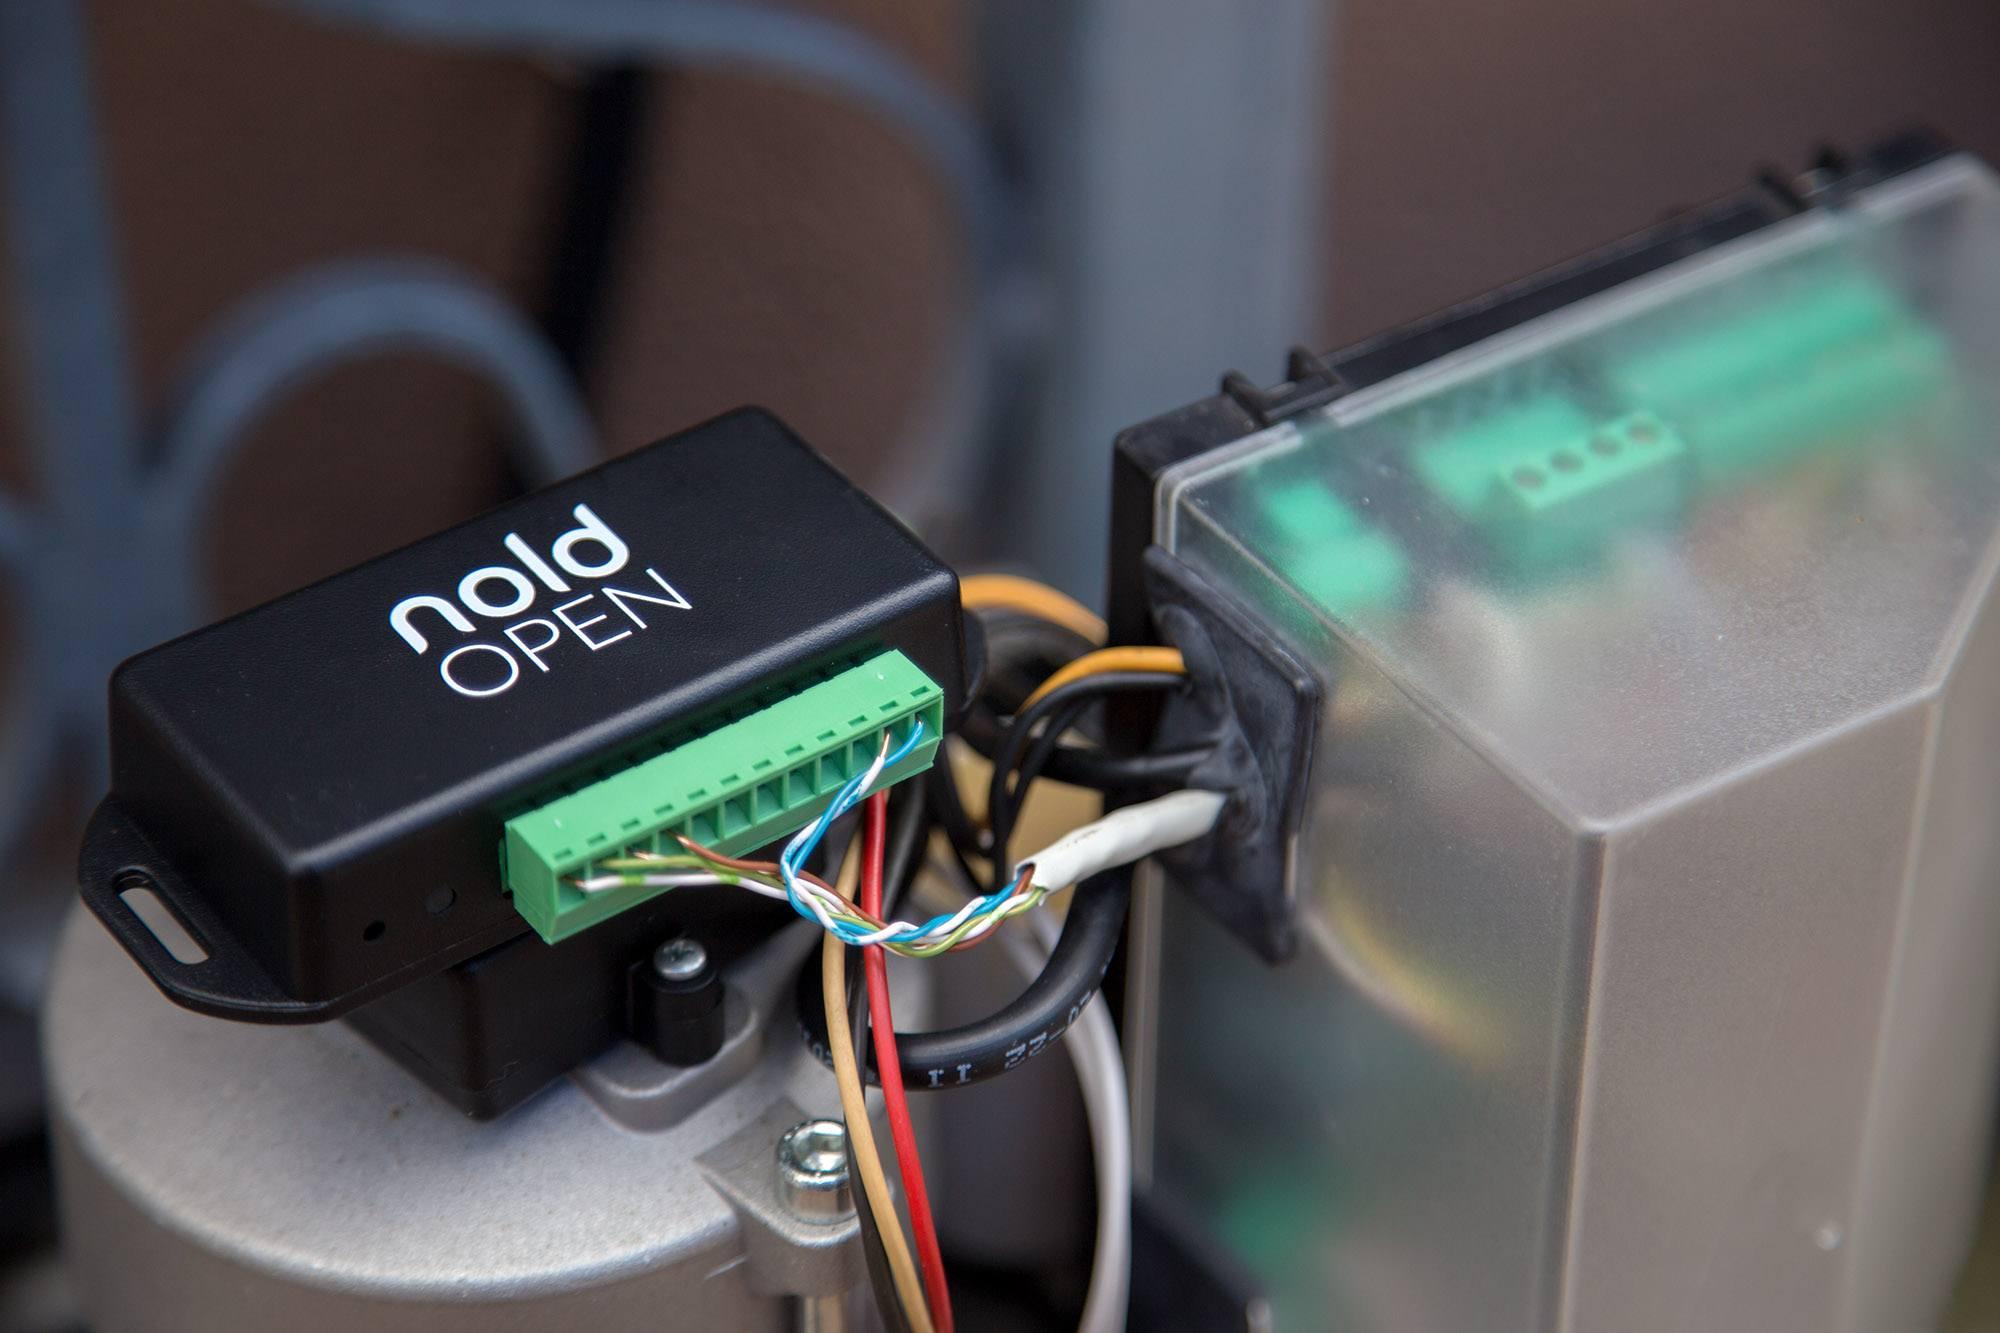 Nold Open: contrôlez votre porte de garage avec votre smartphone !